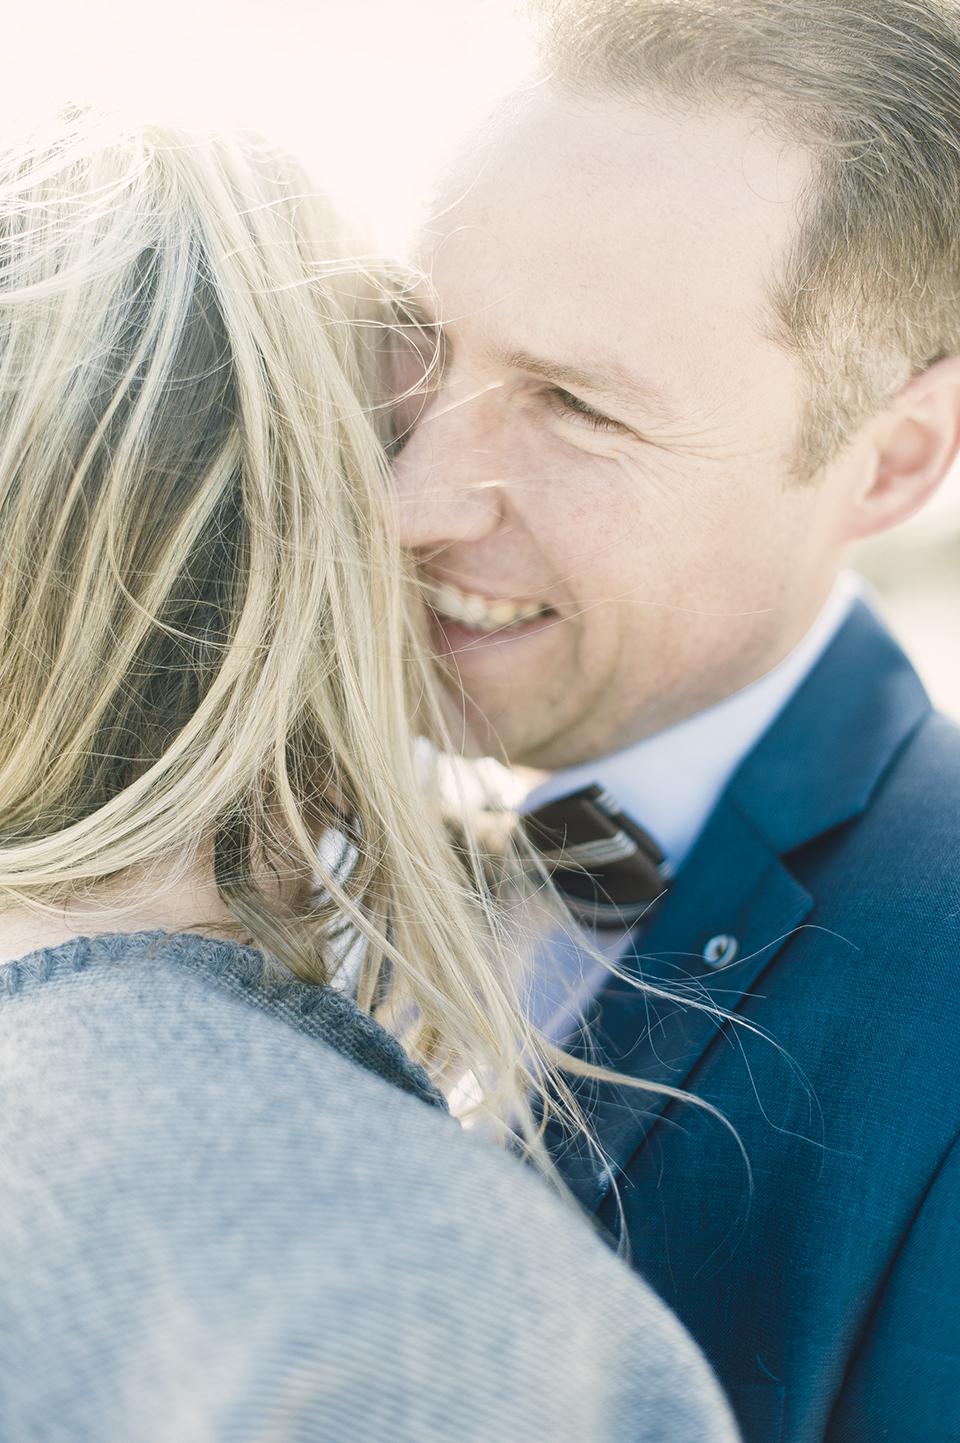 RyanParker_WeddingPhotographer_CapeTown_Hermanus_PringleBay_SouthAfrica_T&R_DSC_5676.jpg